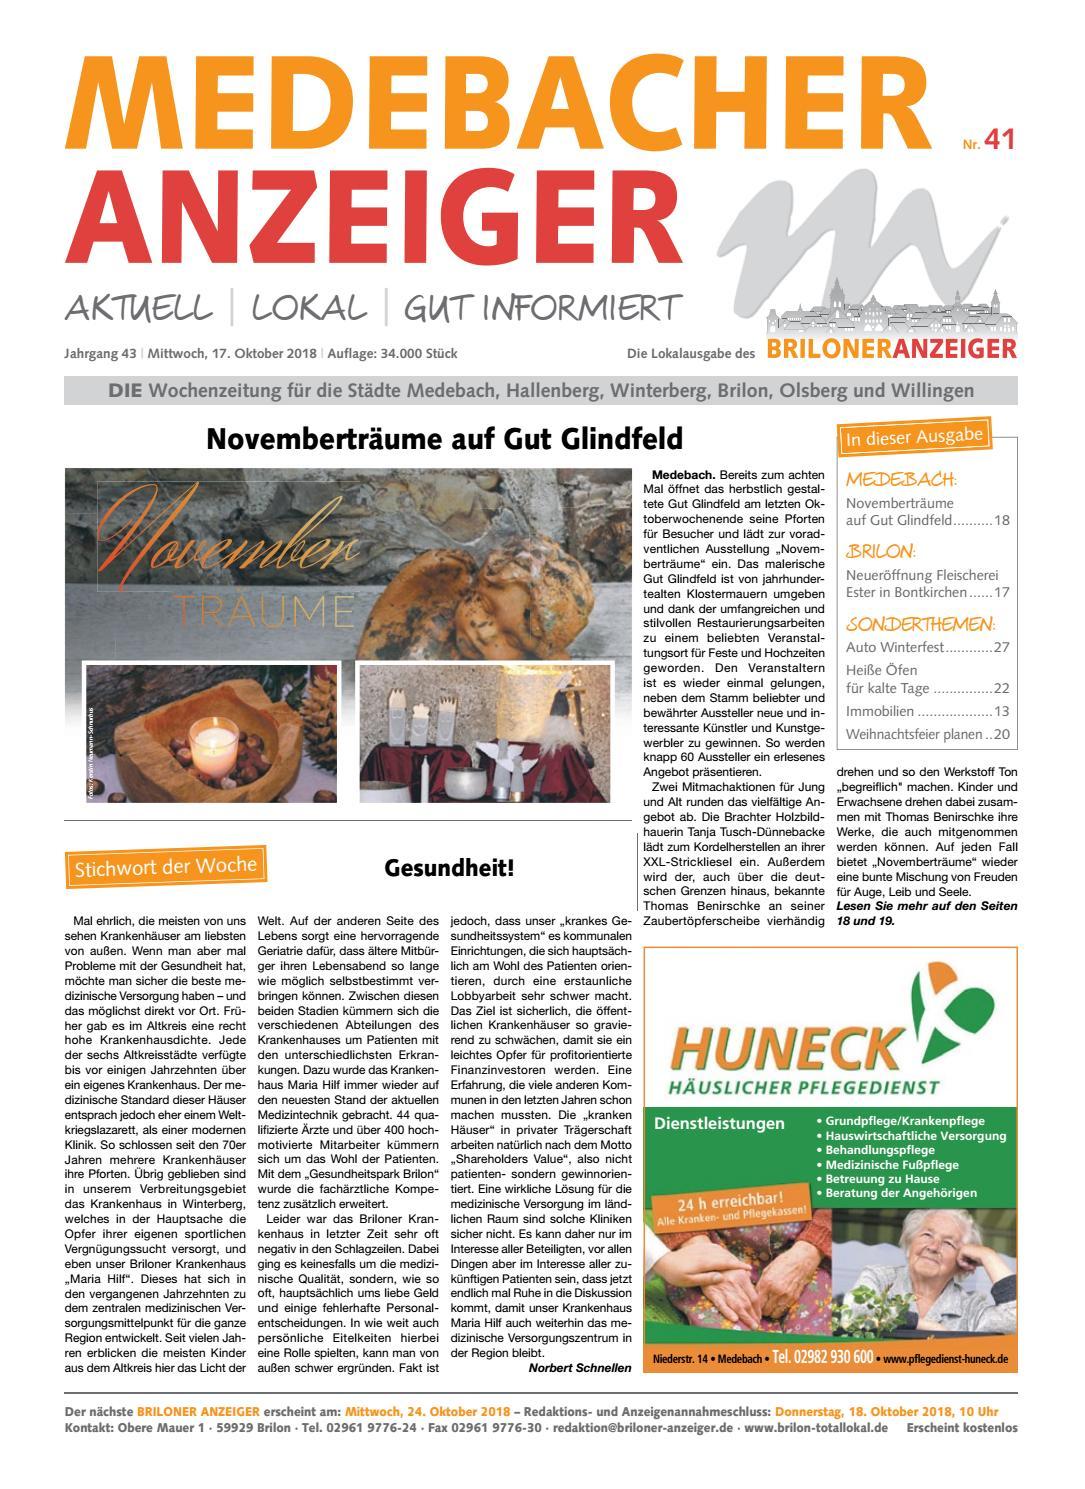 Medebacher Anzeiger Ausgabe Vom 17102018 Nr41 By Brilon